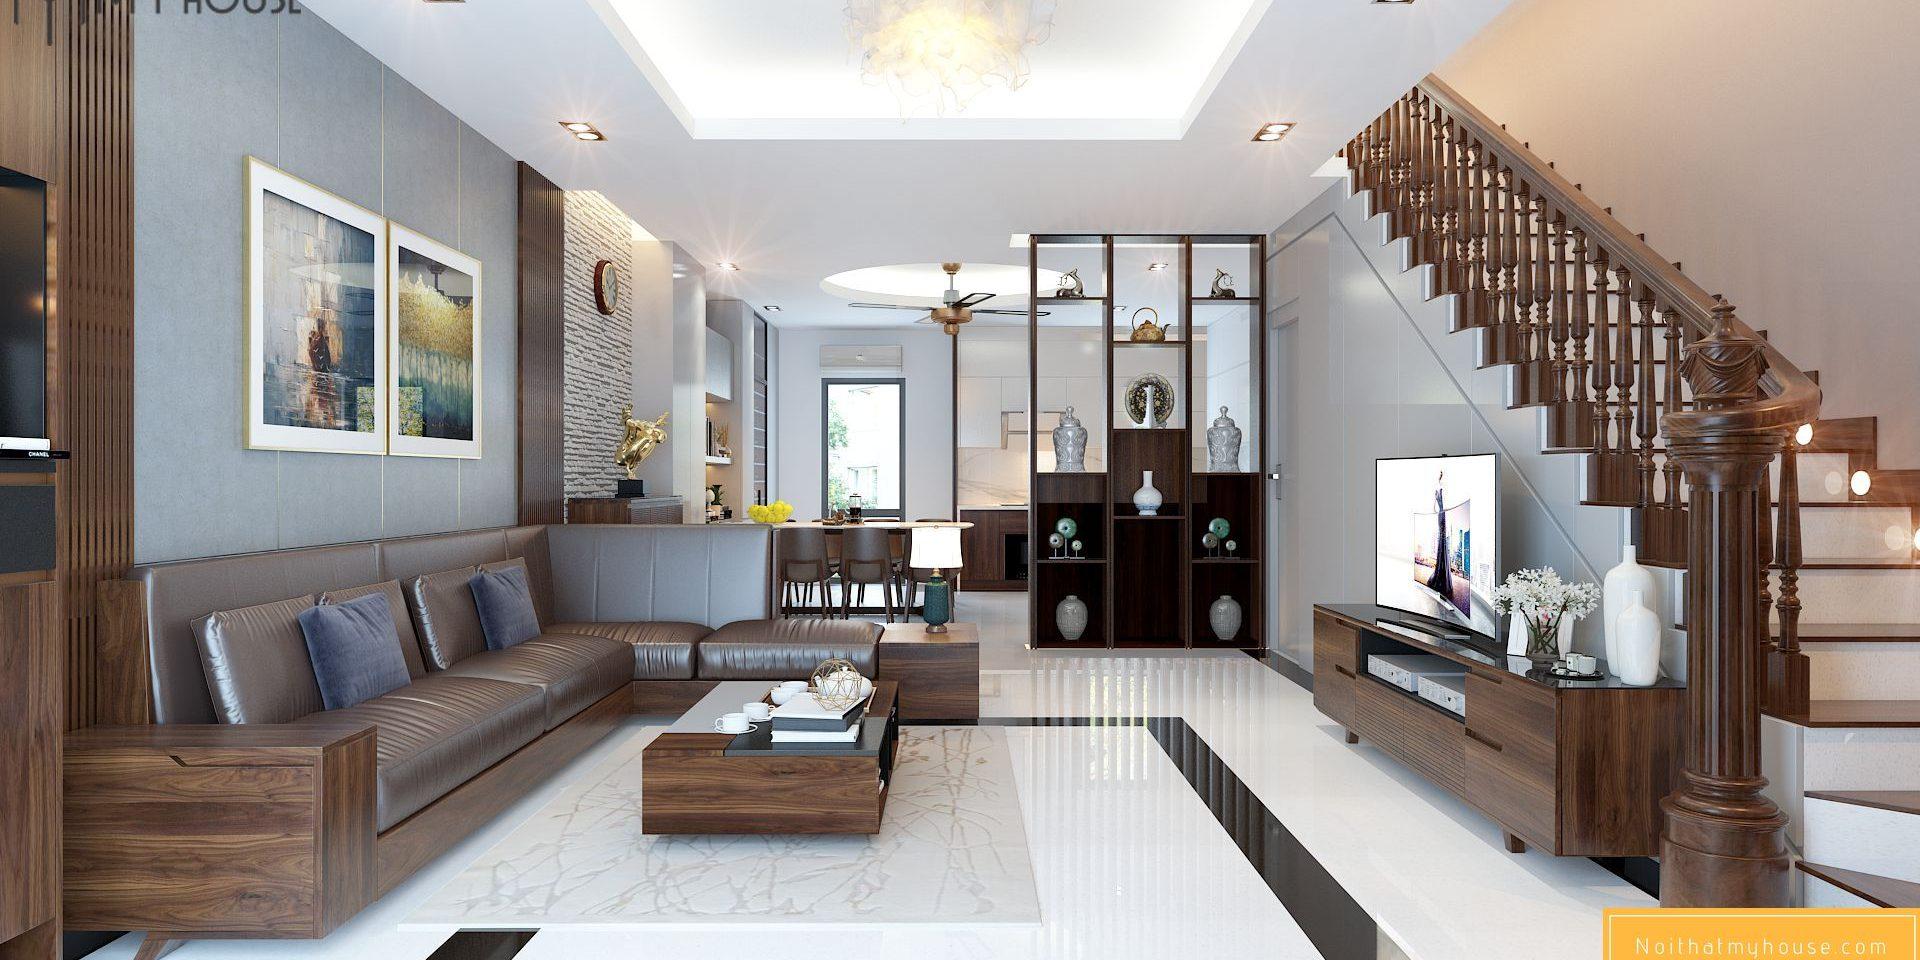 Sắp xếp đồ đạc trong thiết kế nội thất theo phong cách đương đại